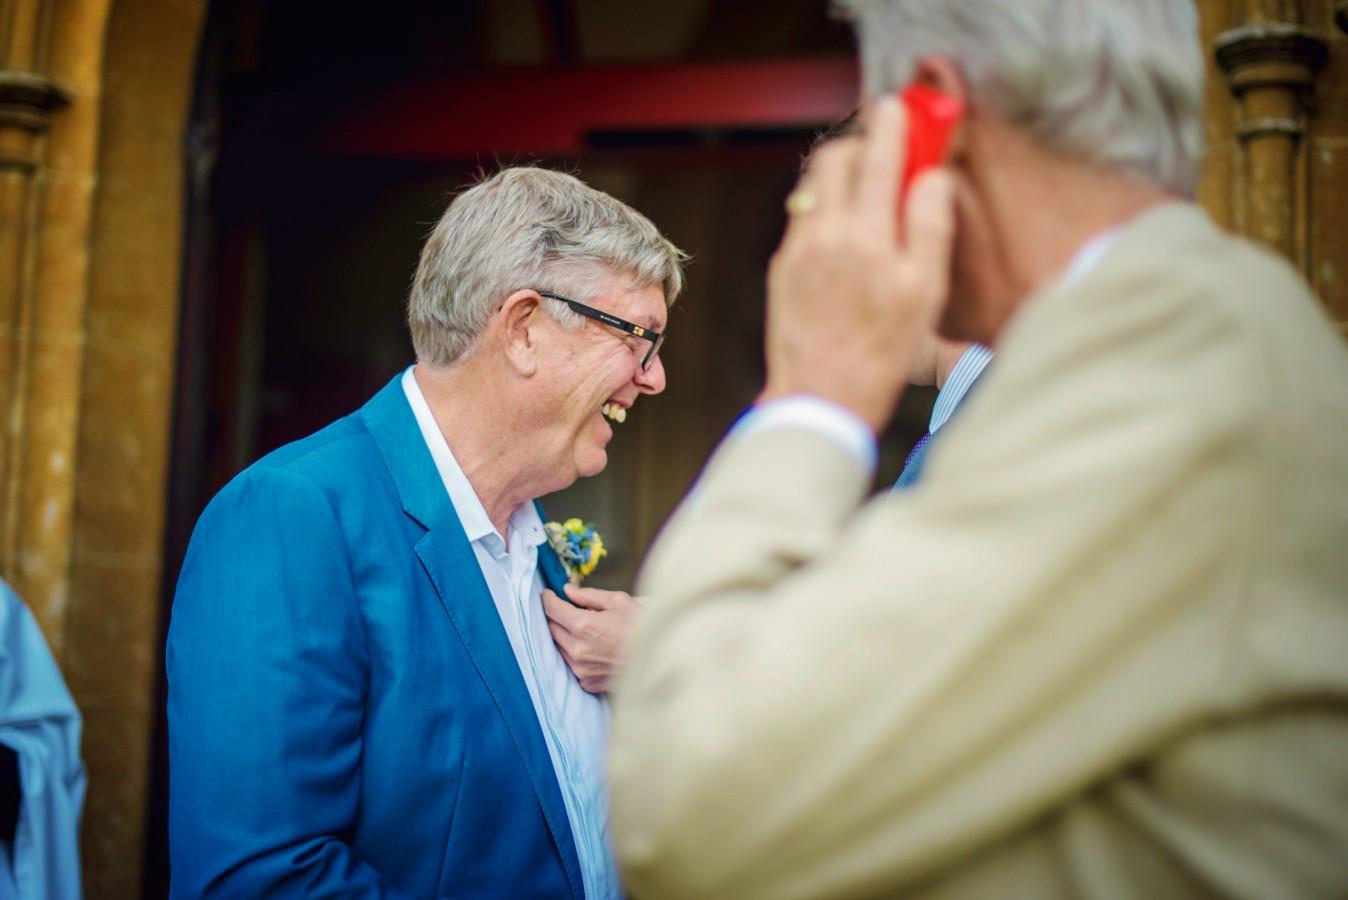 Hampshire Wedding Photographer - GK Photography-151